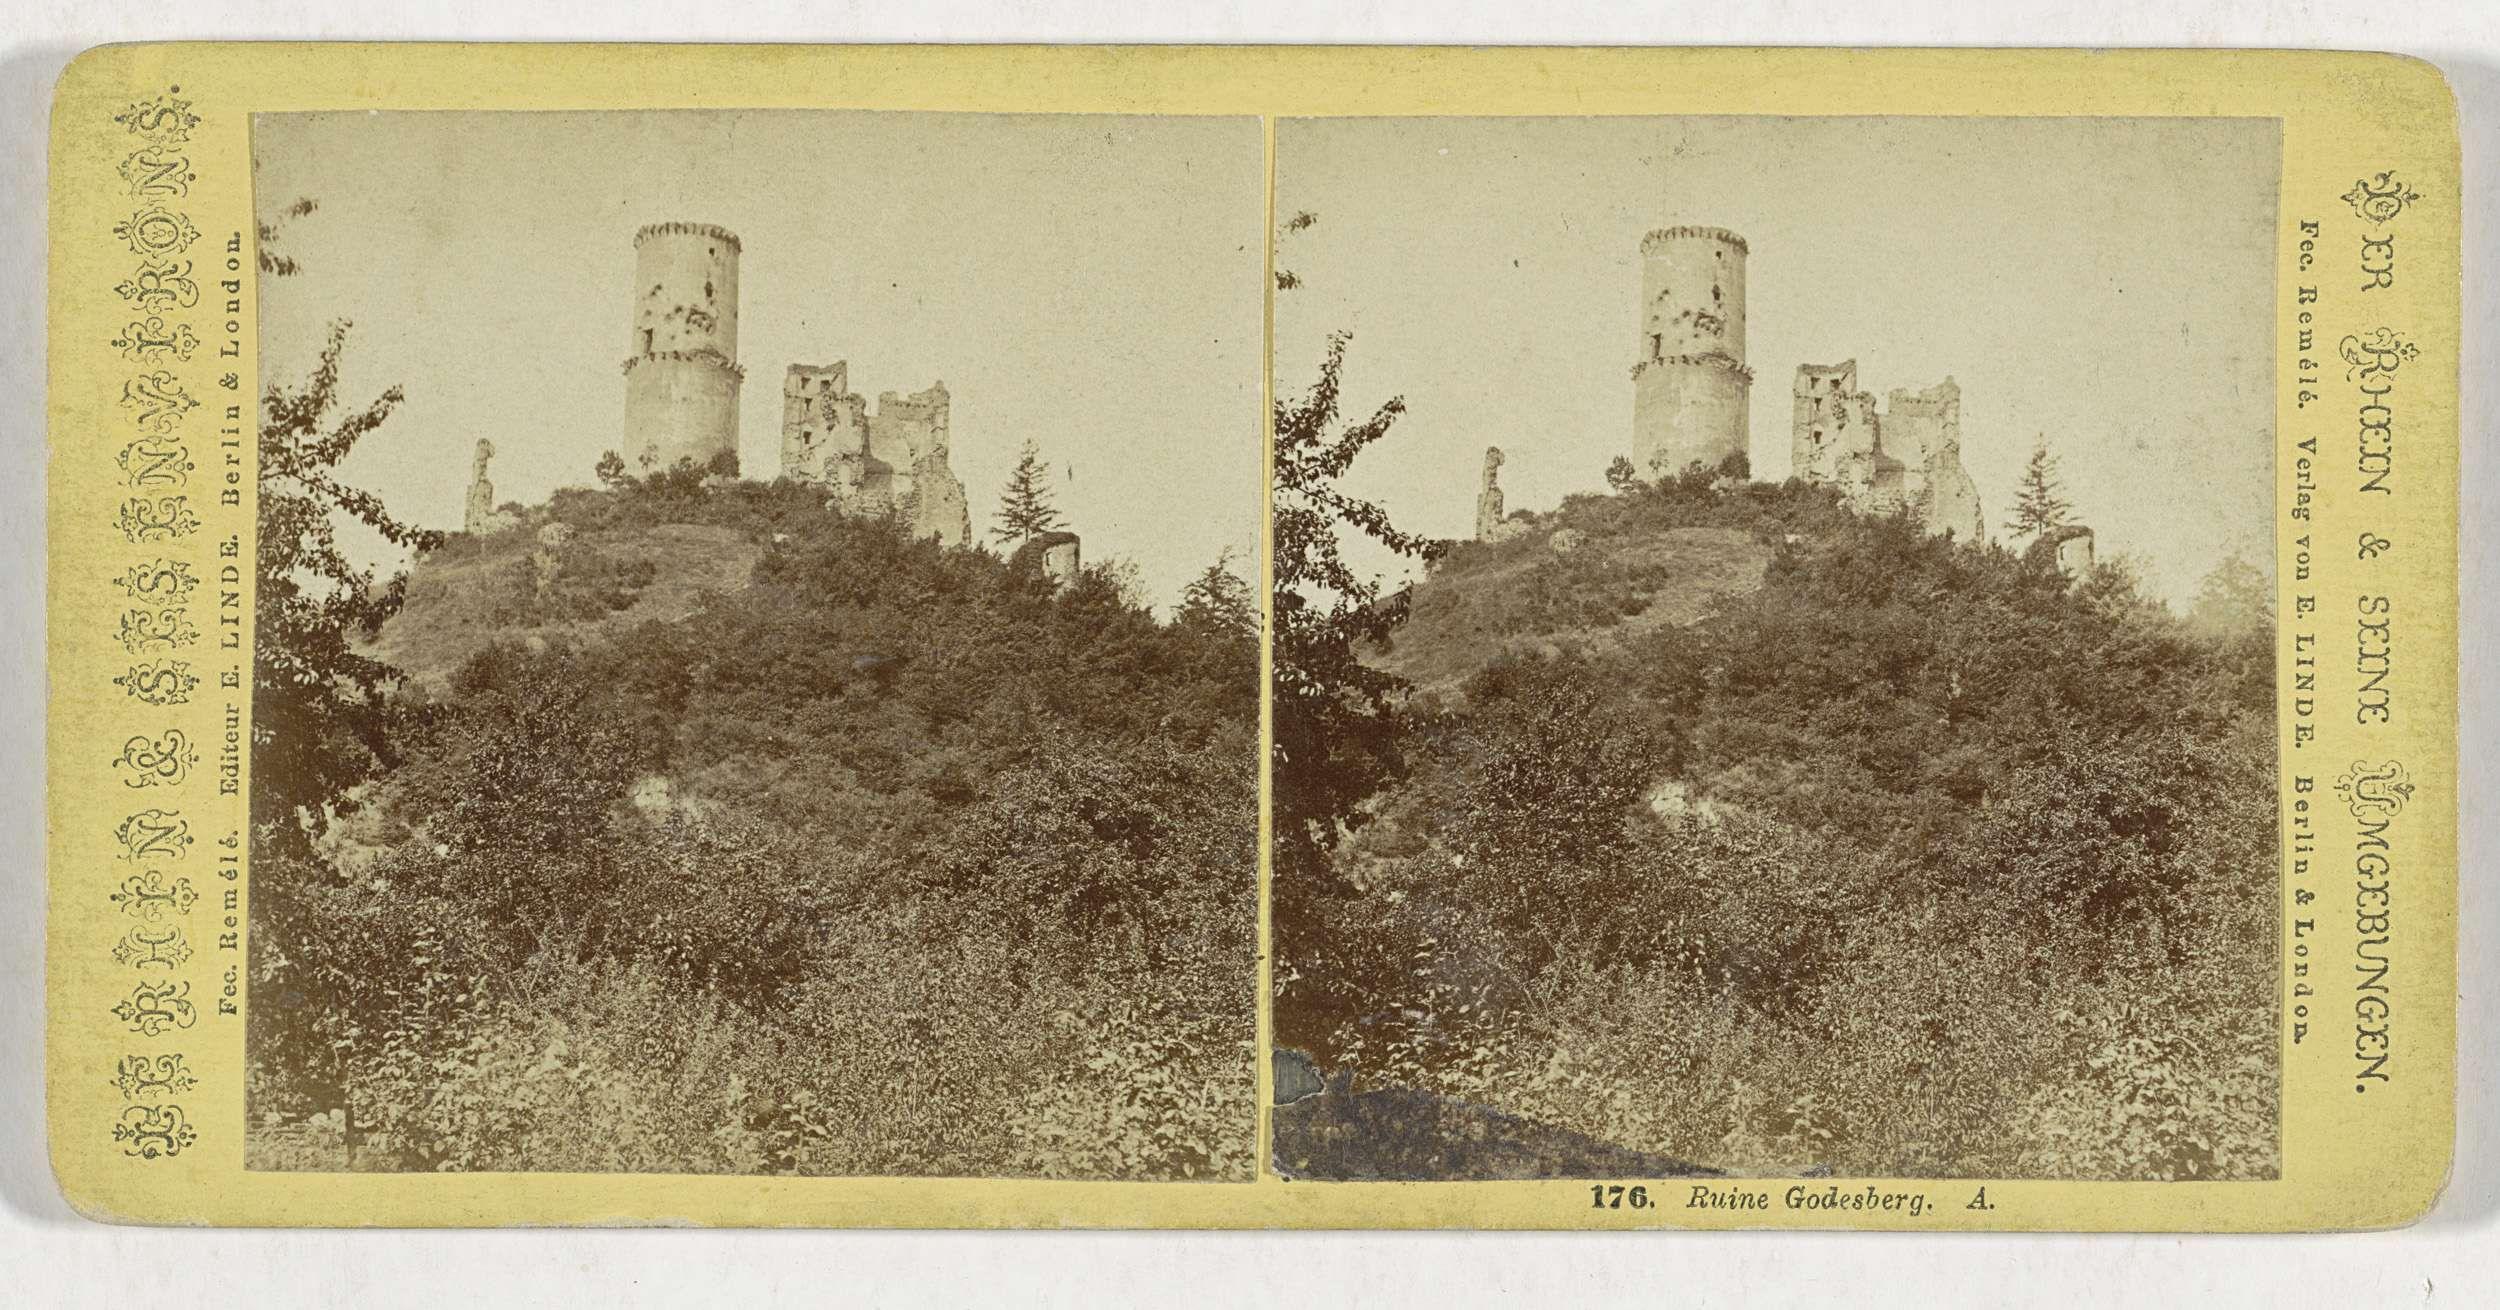 Remelé & E. Linde | Ruine Godesberg. A., Remelé & E. Linde, Philipp Remelé, E. Linde, 1860 - 1890 |